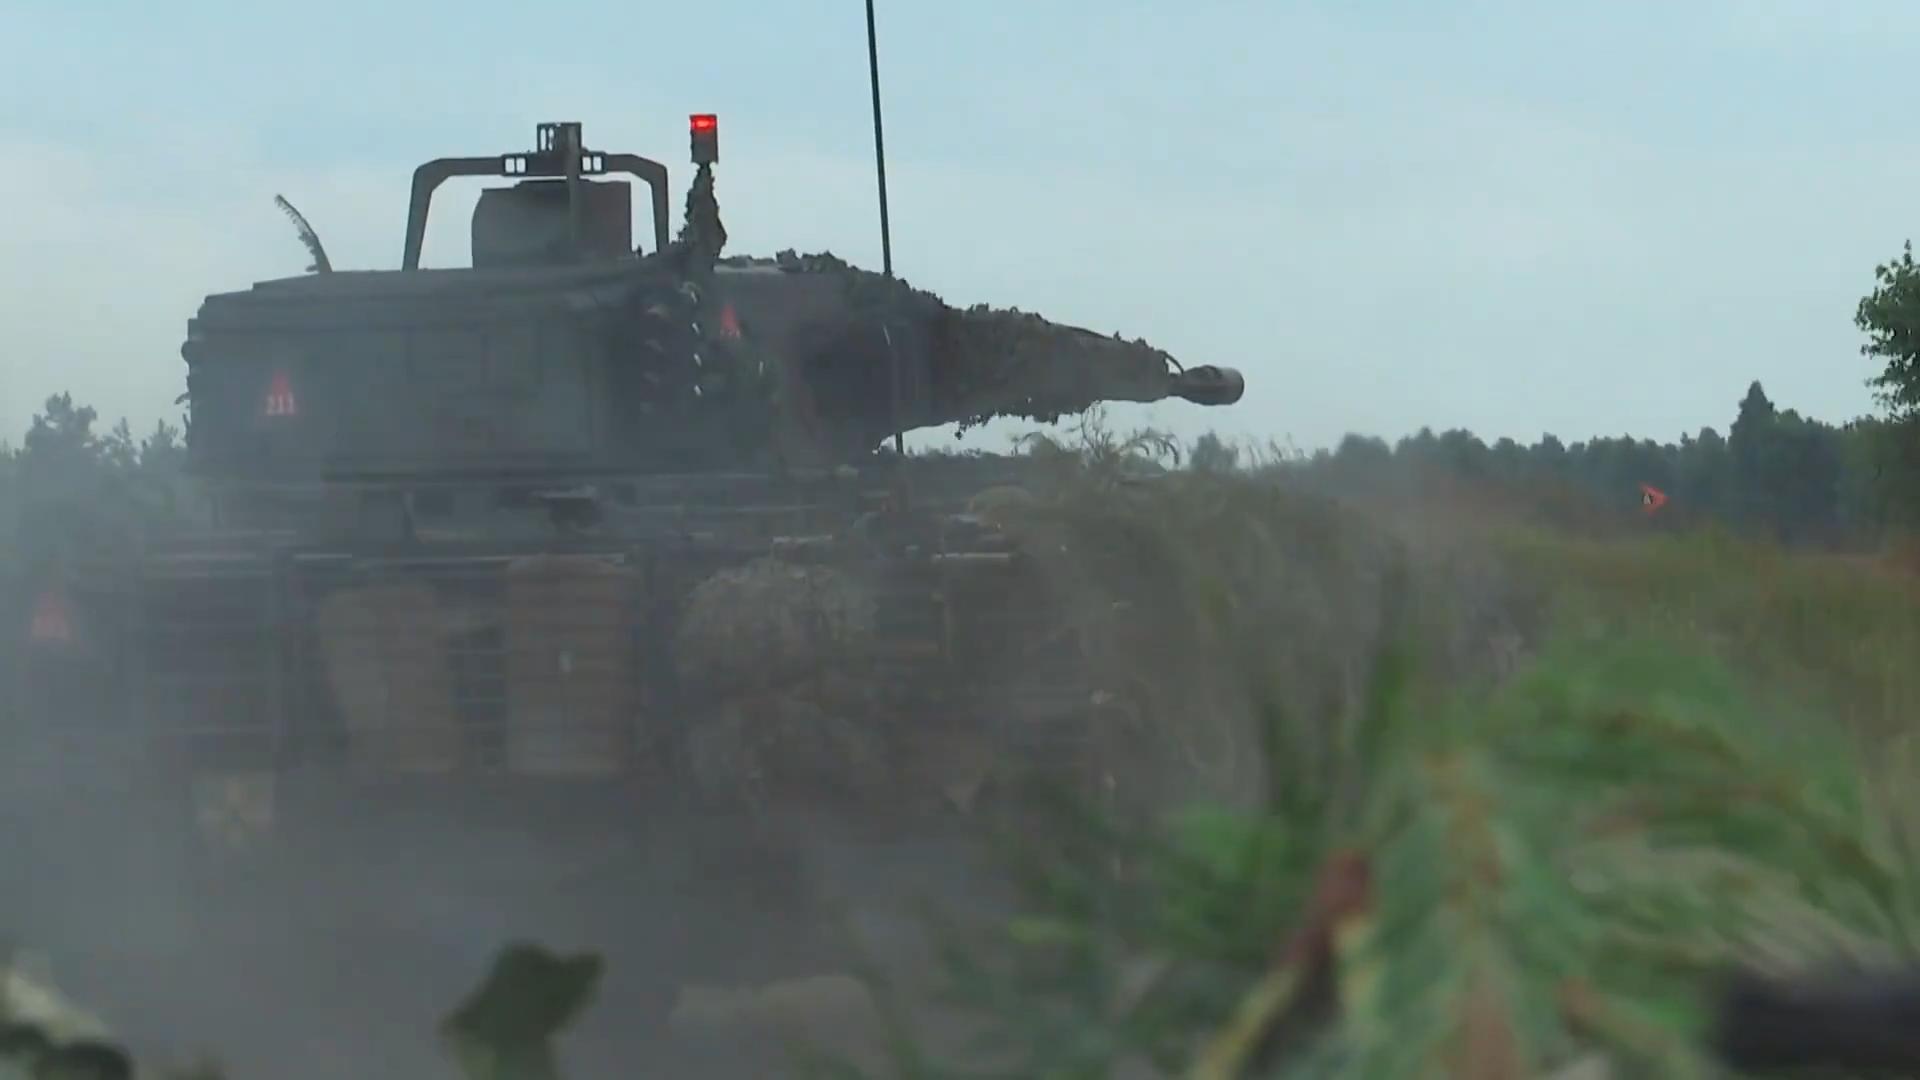 德国陆军步兵装甲单位,进行联合进攻演习的场景!